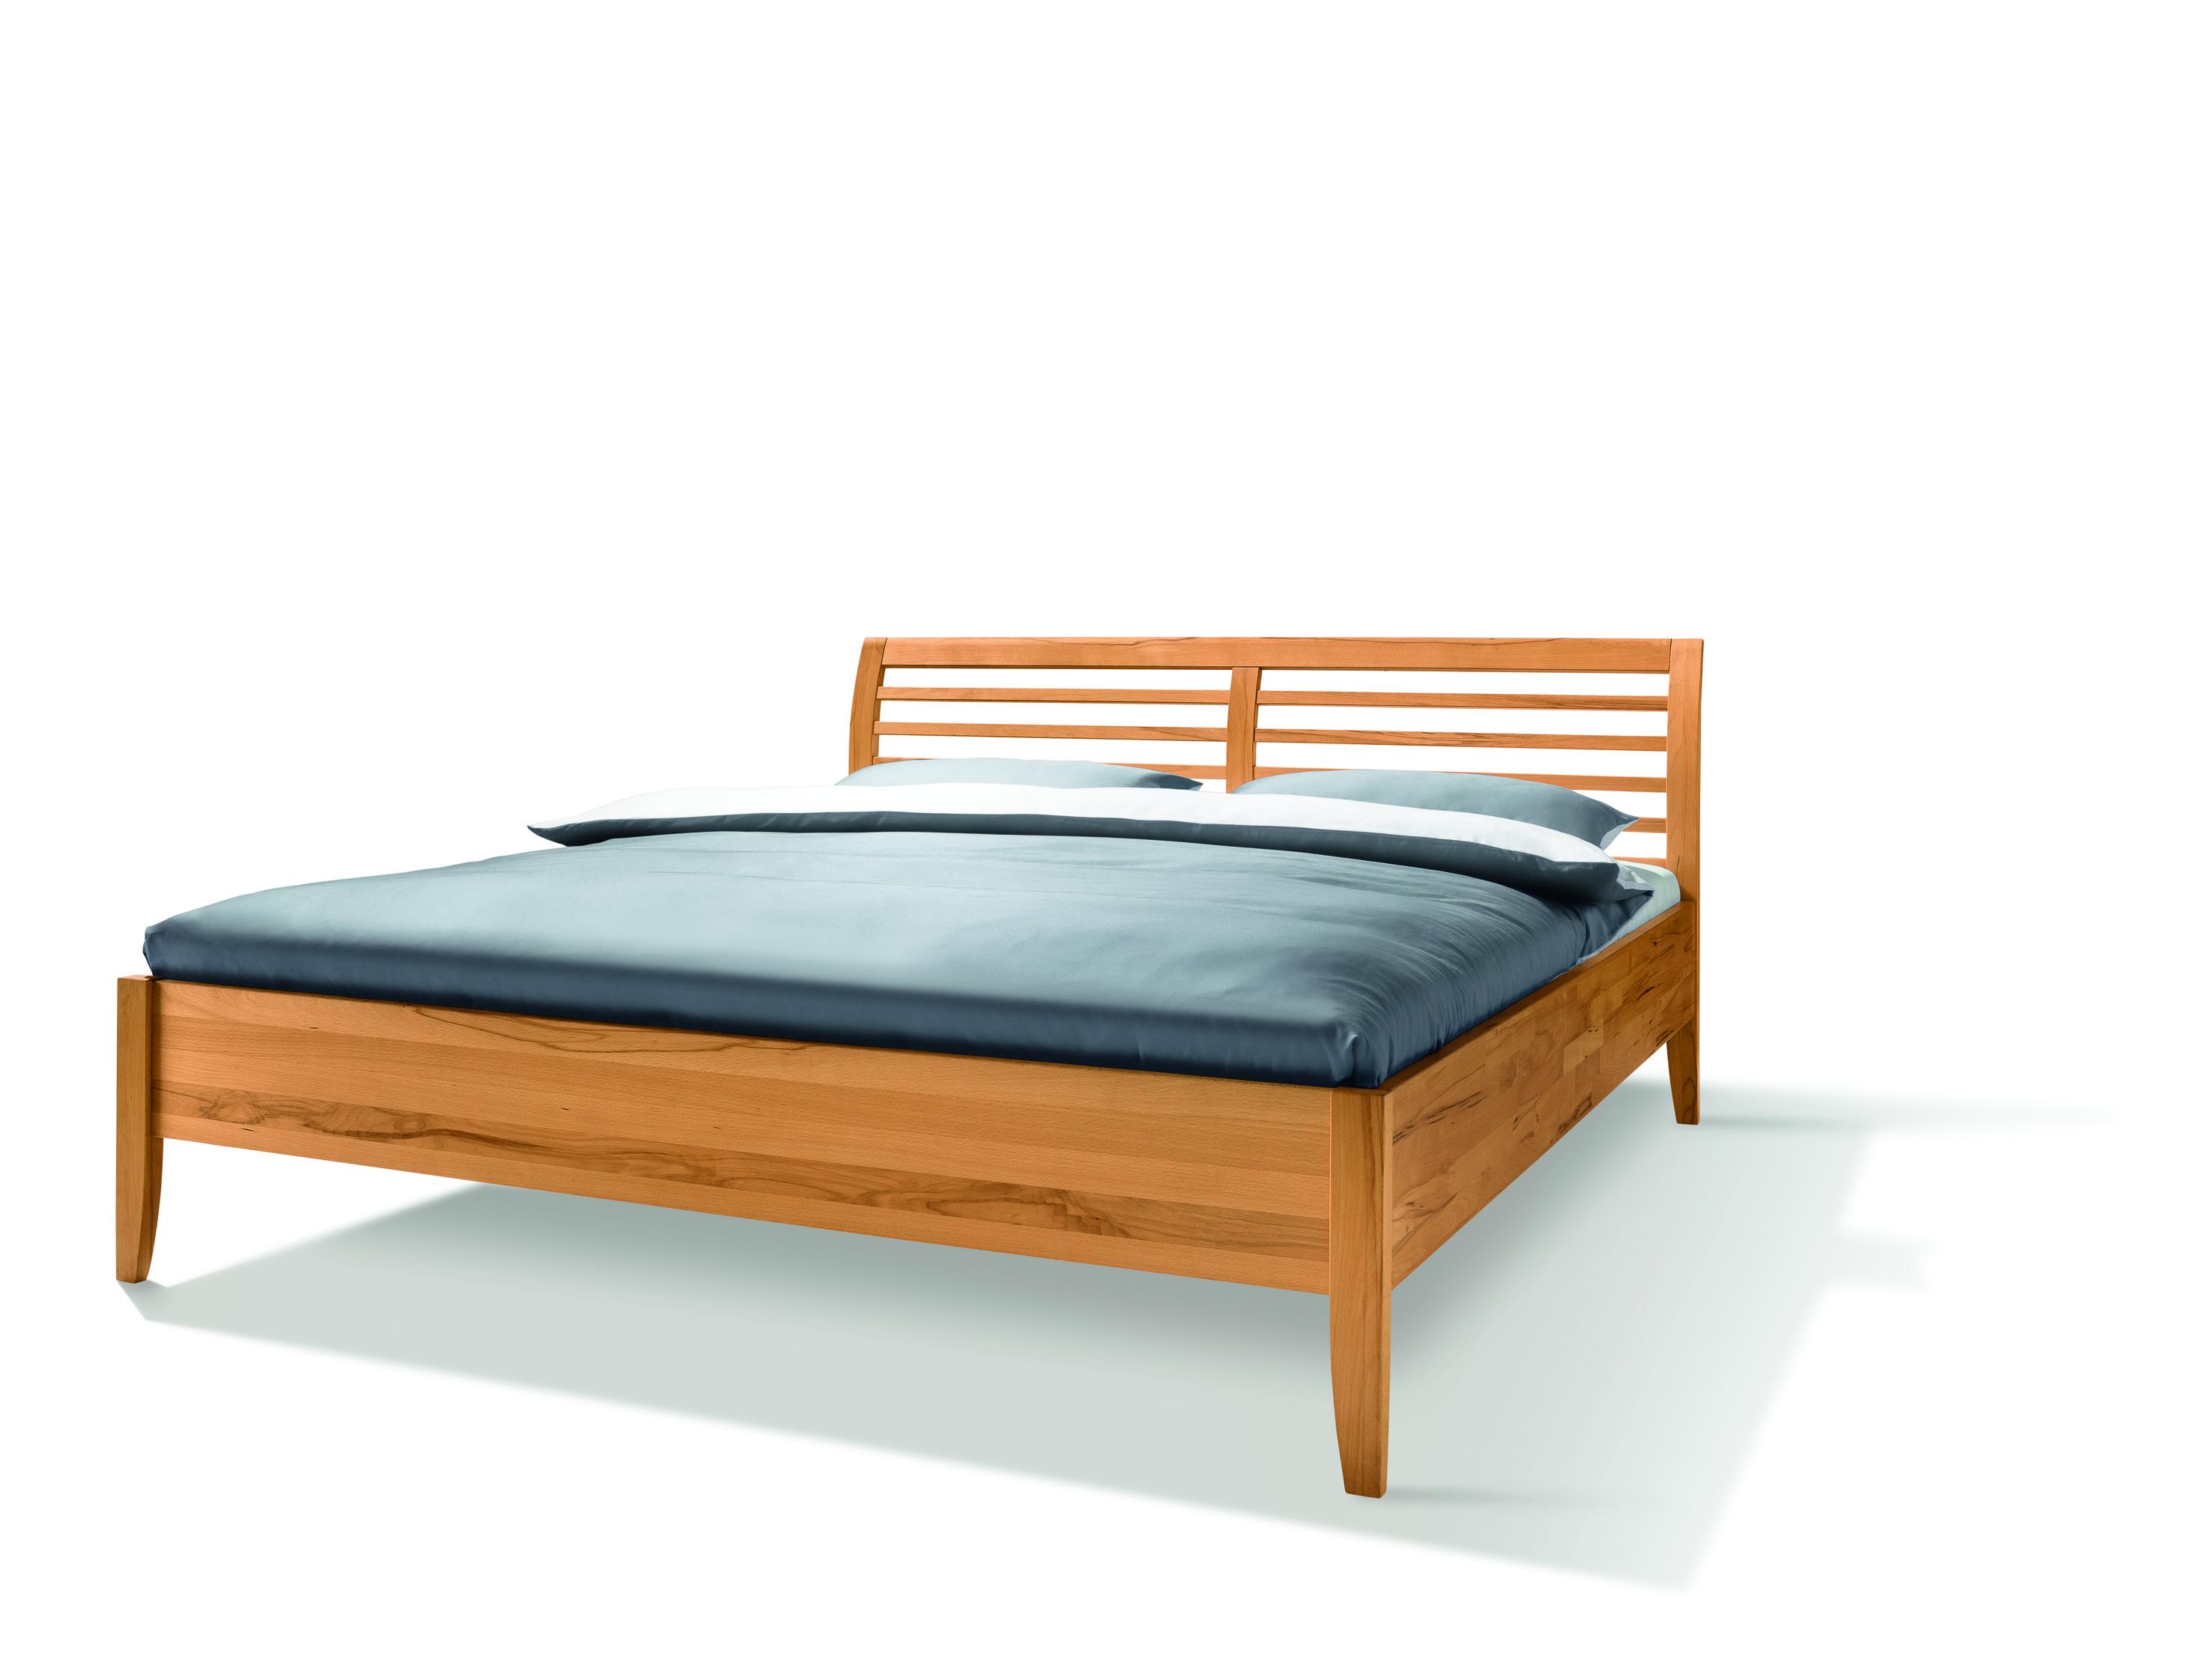 bett sesam team 7 wohnwiese jette schlund ellingen. Black Bedroom Furniture Sets. Home Design Ideas